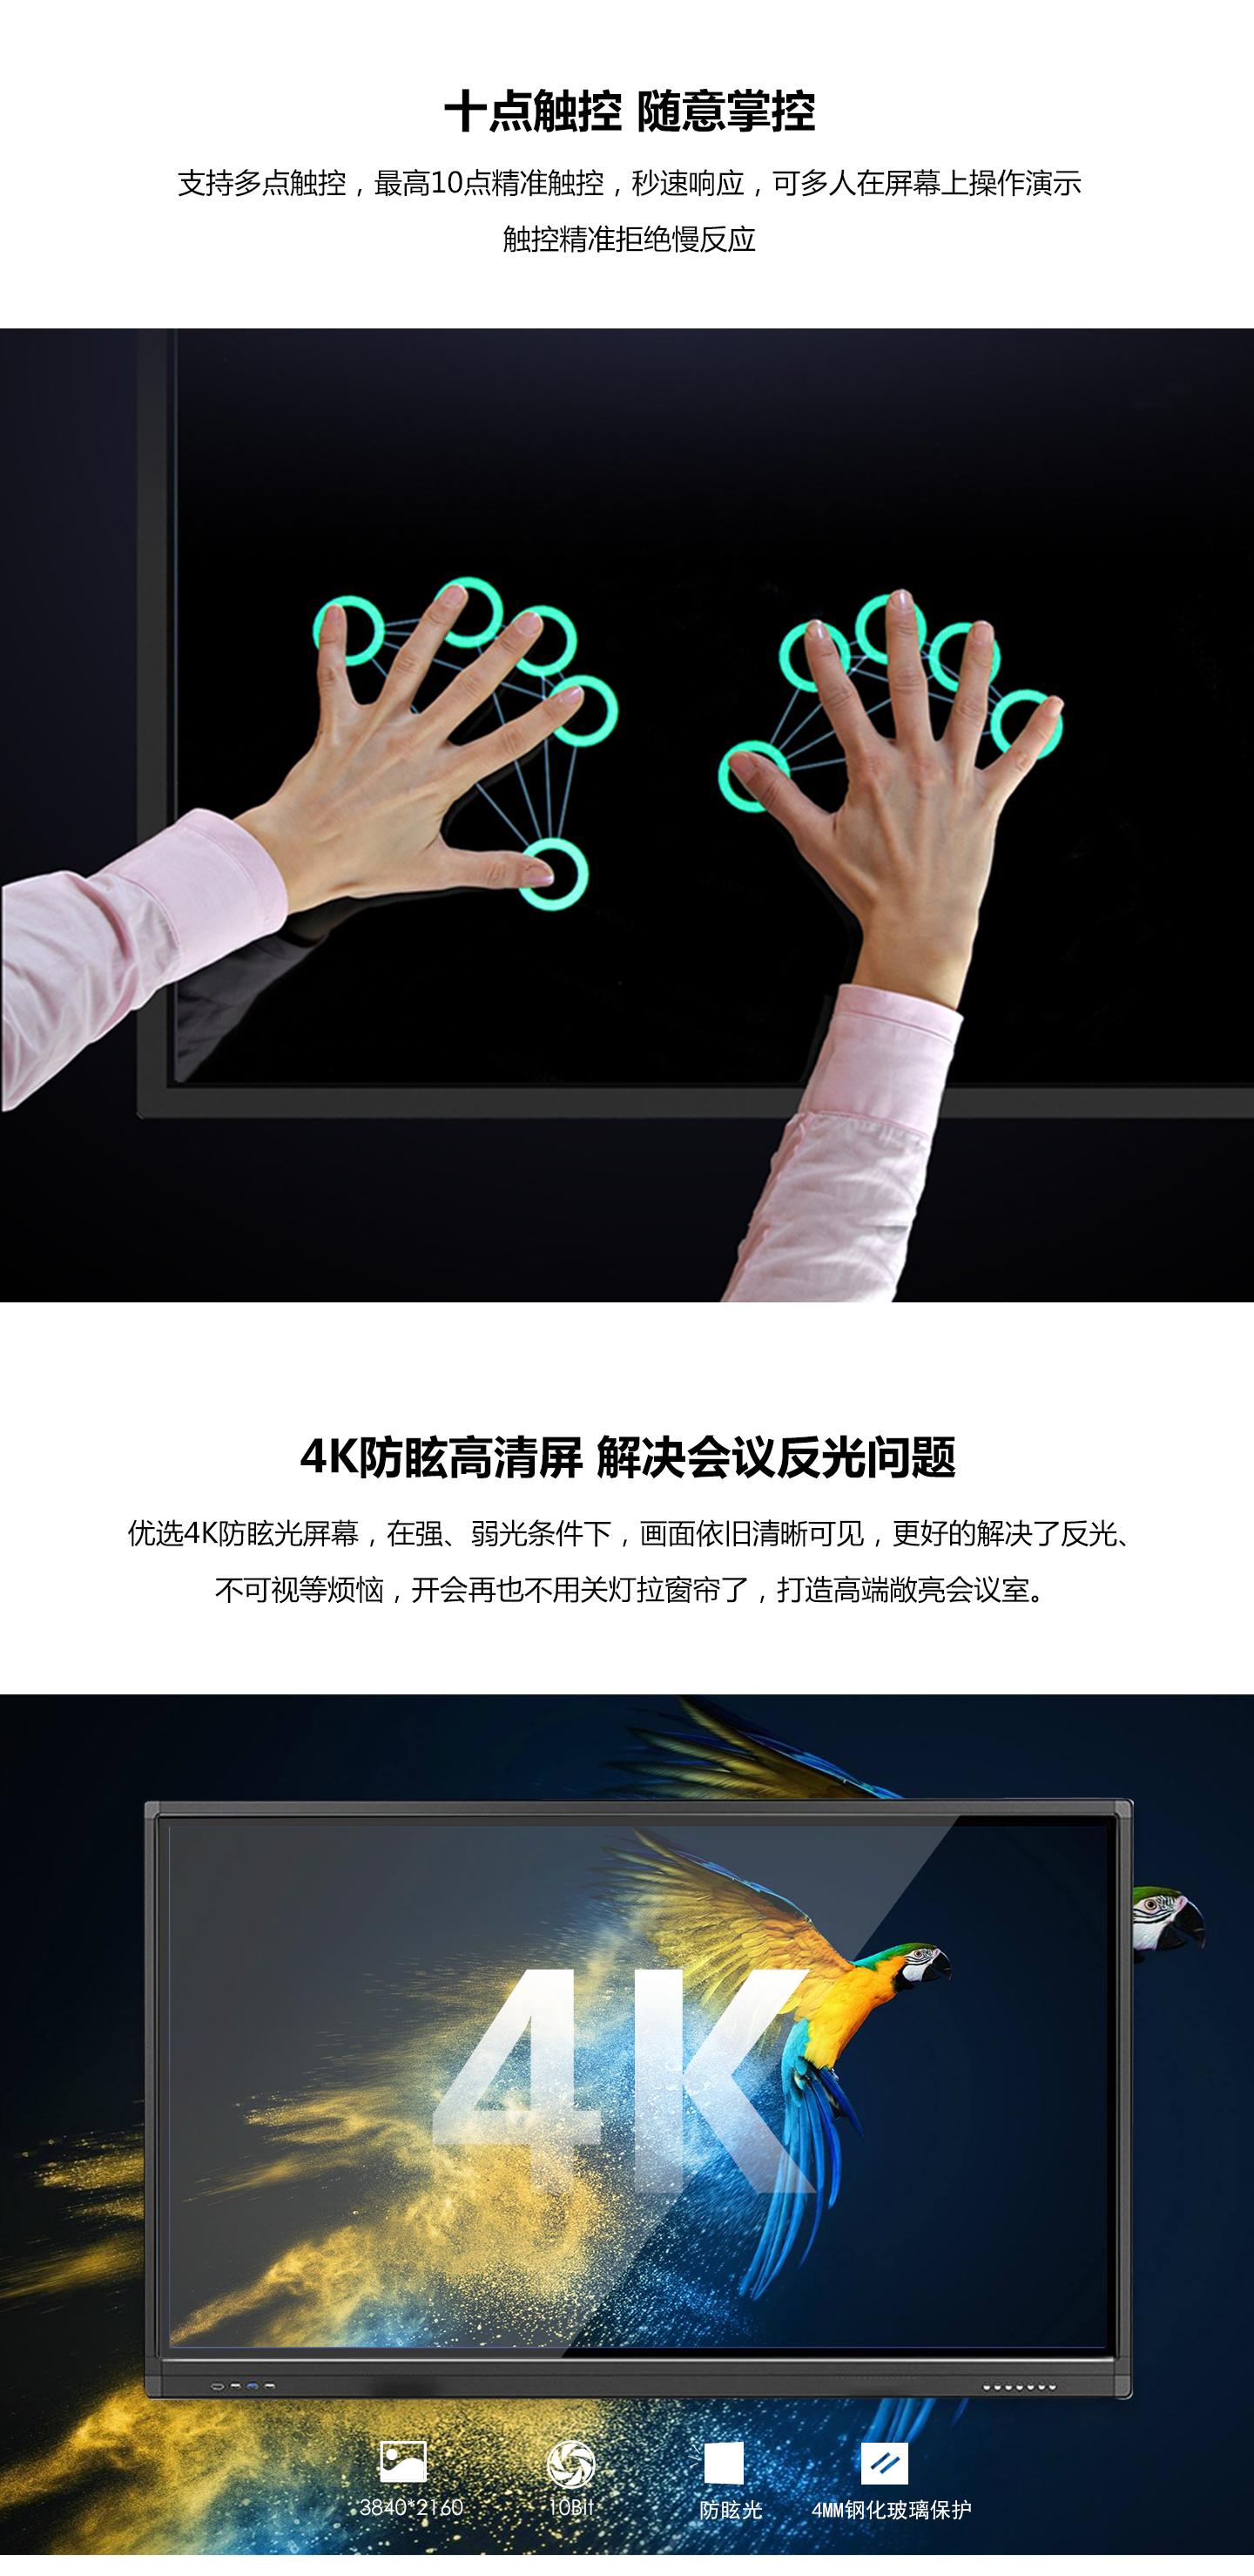 教學交互智能平板_04.jpg